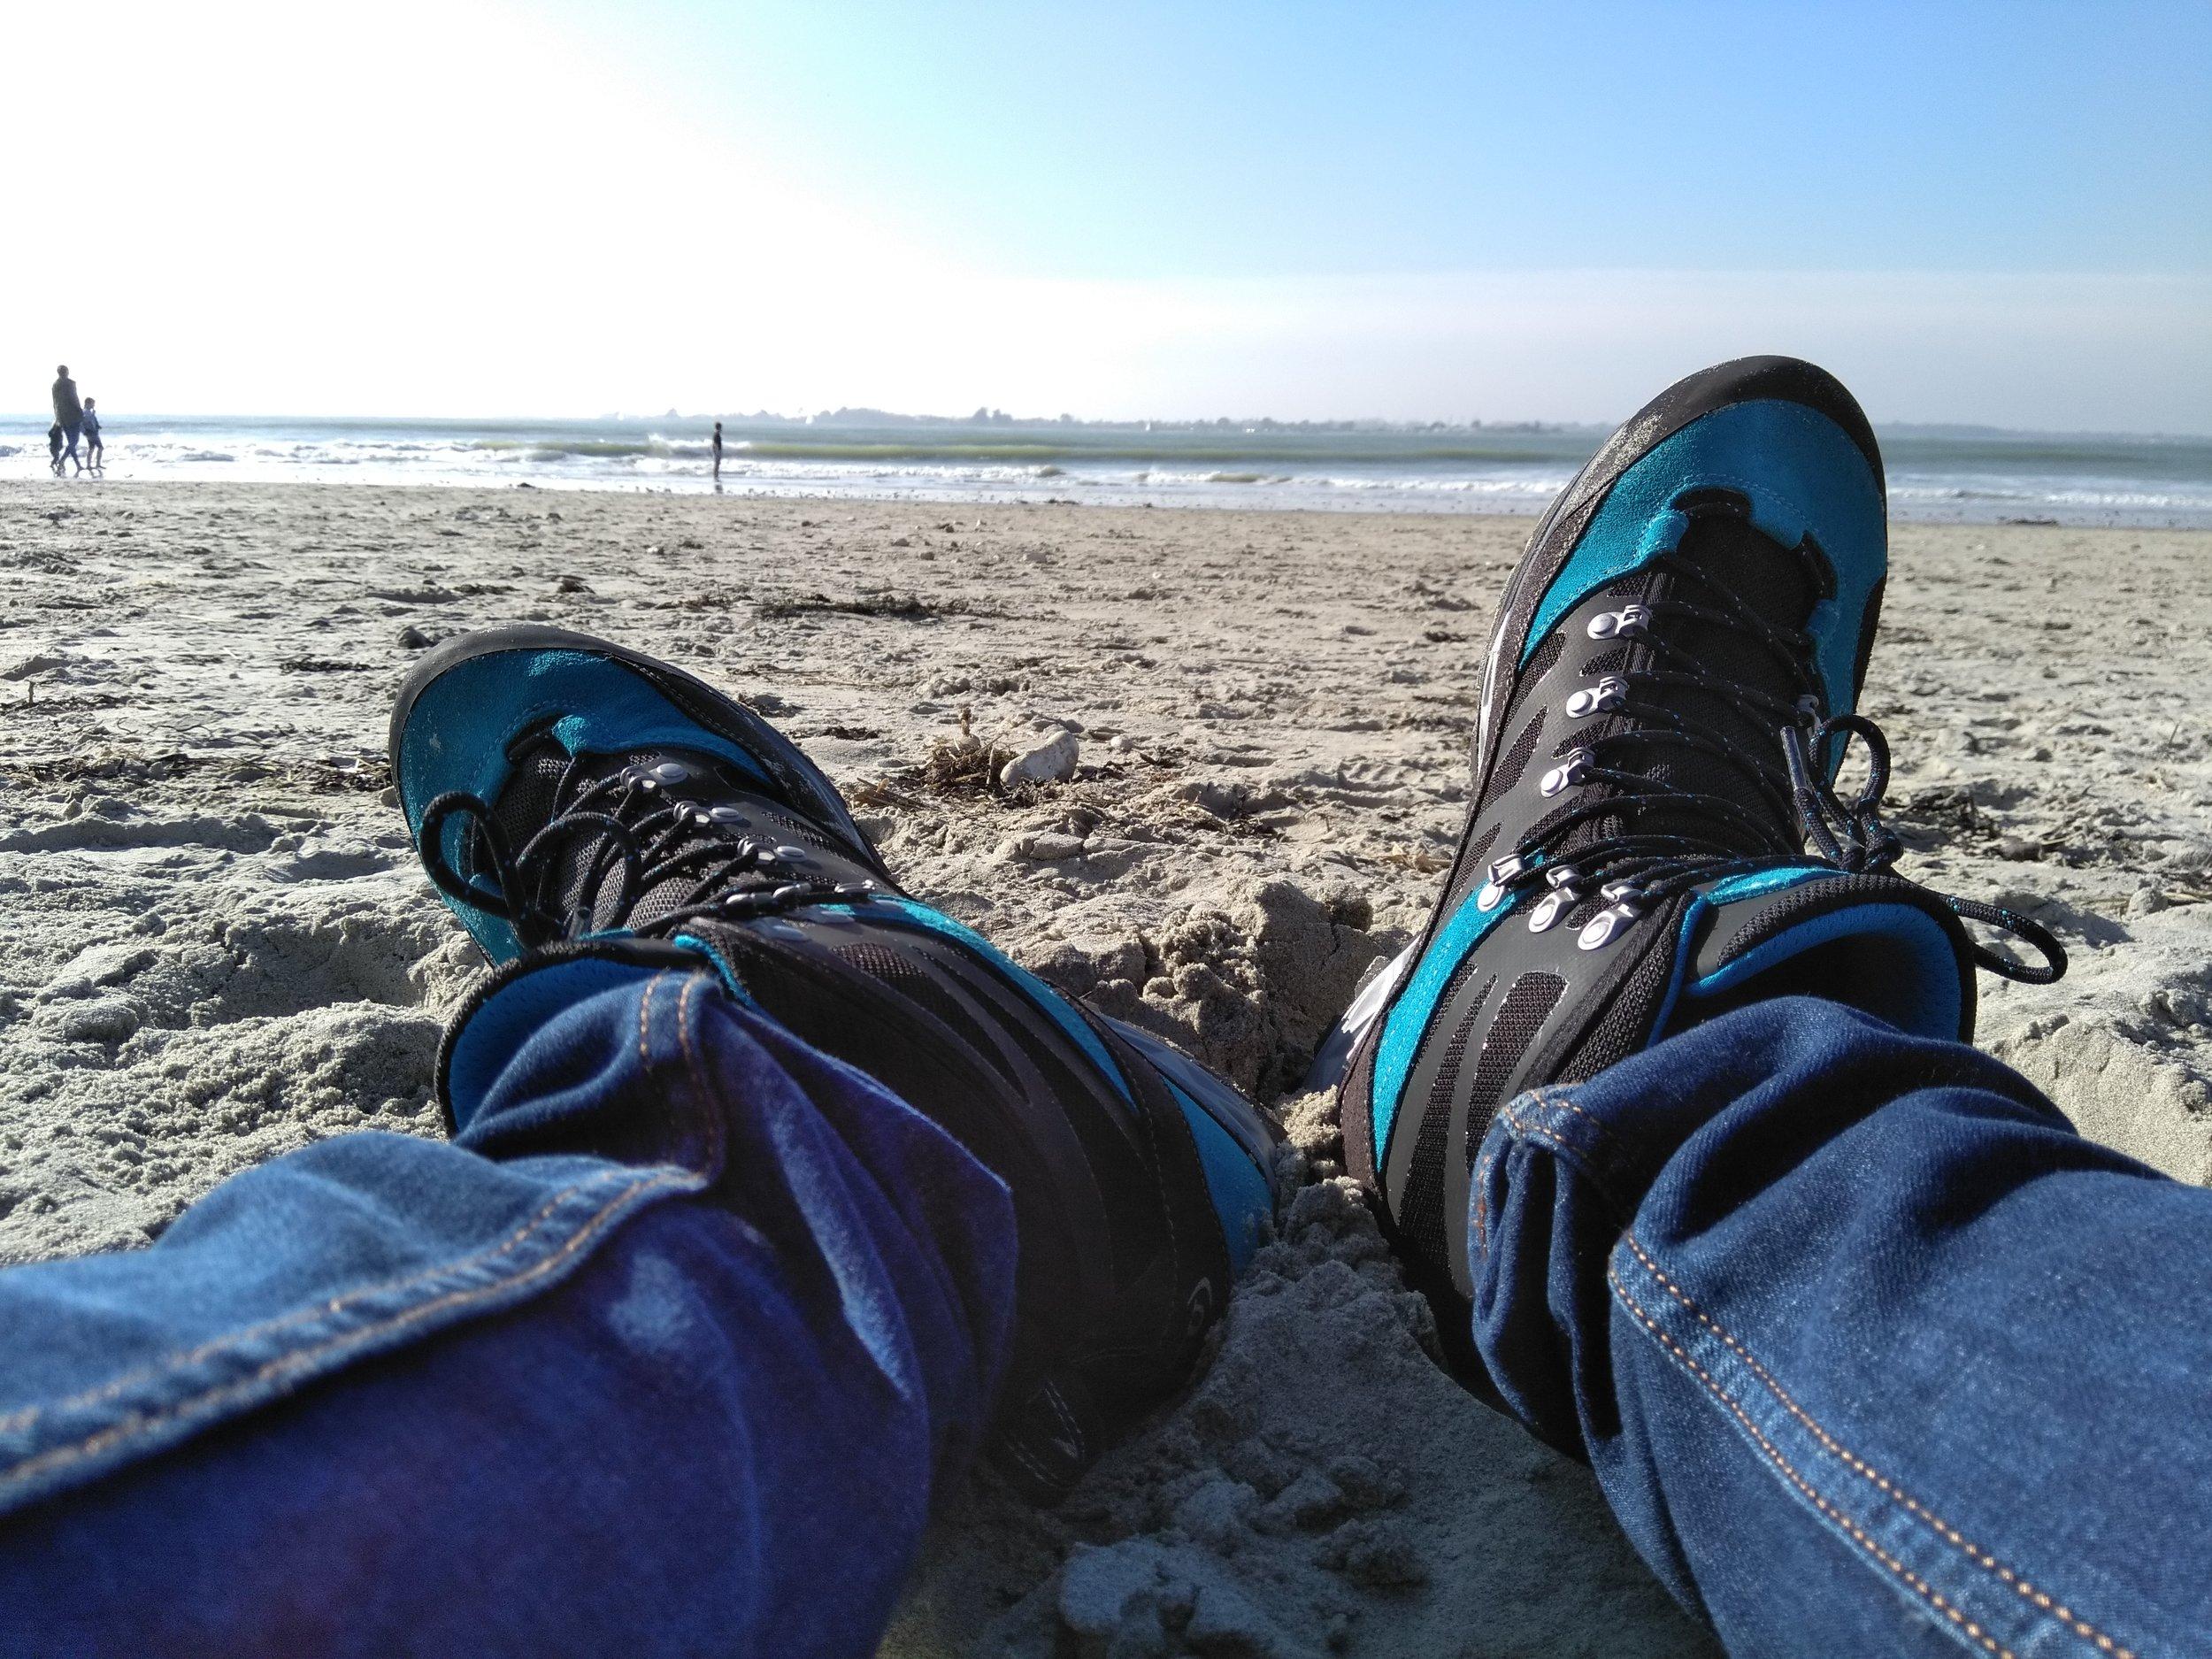 Aku Alterra GTX Boots top